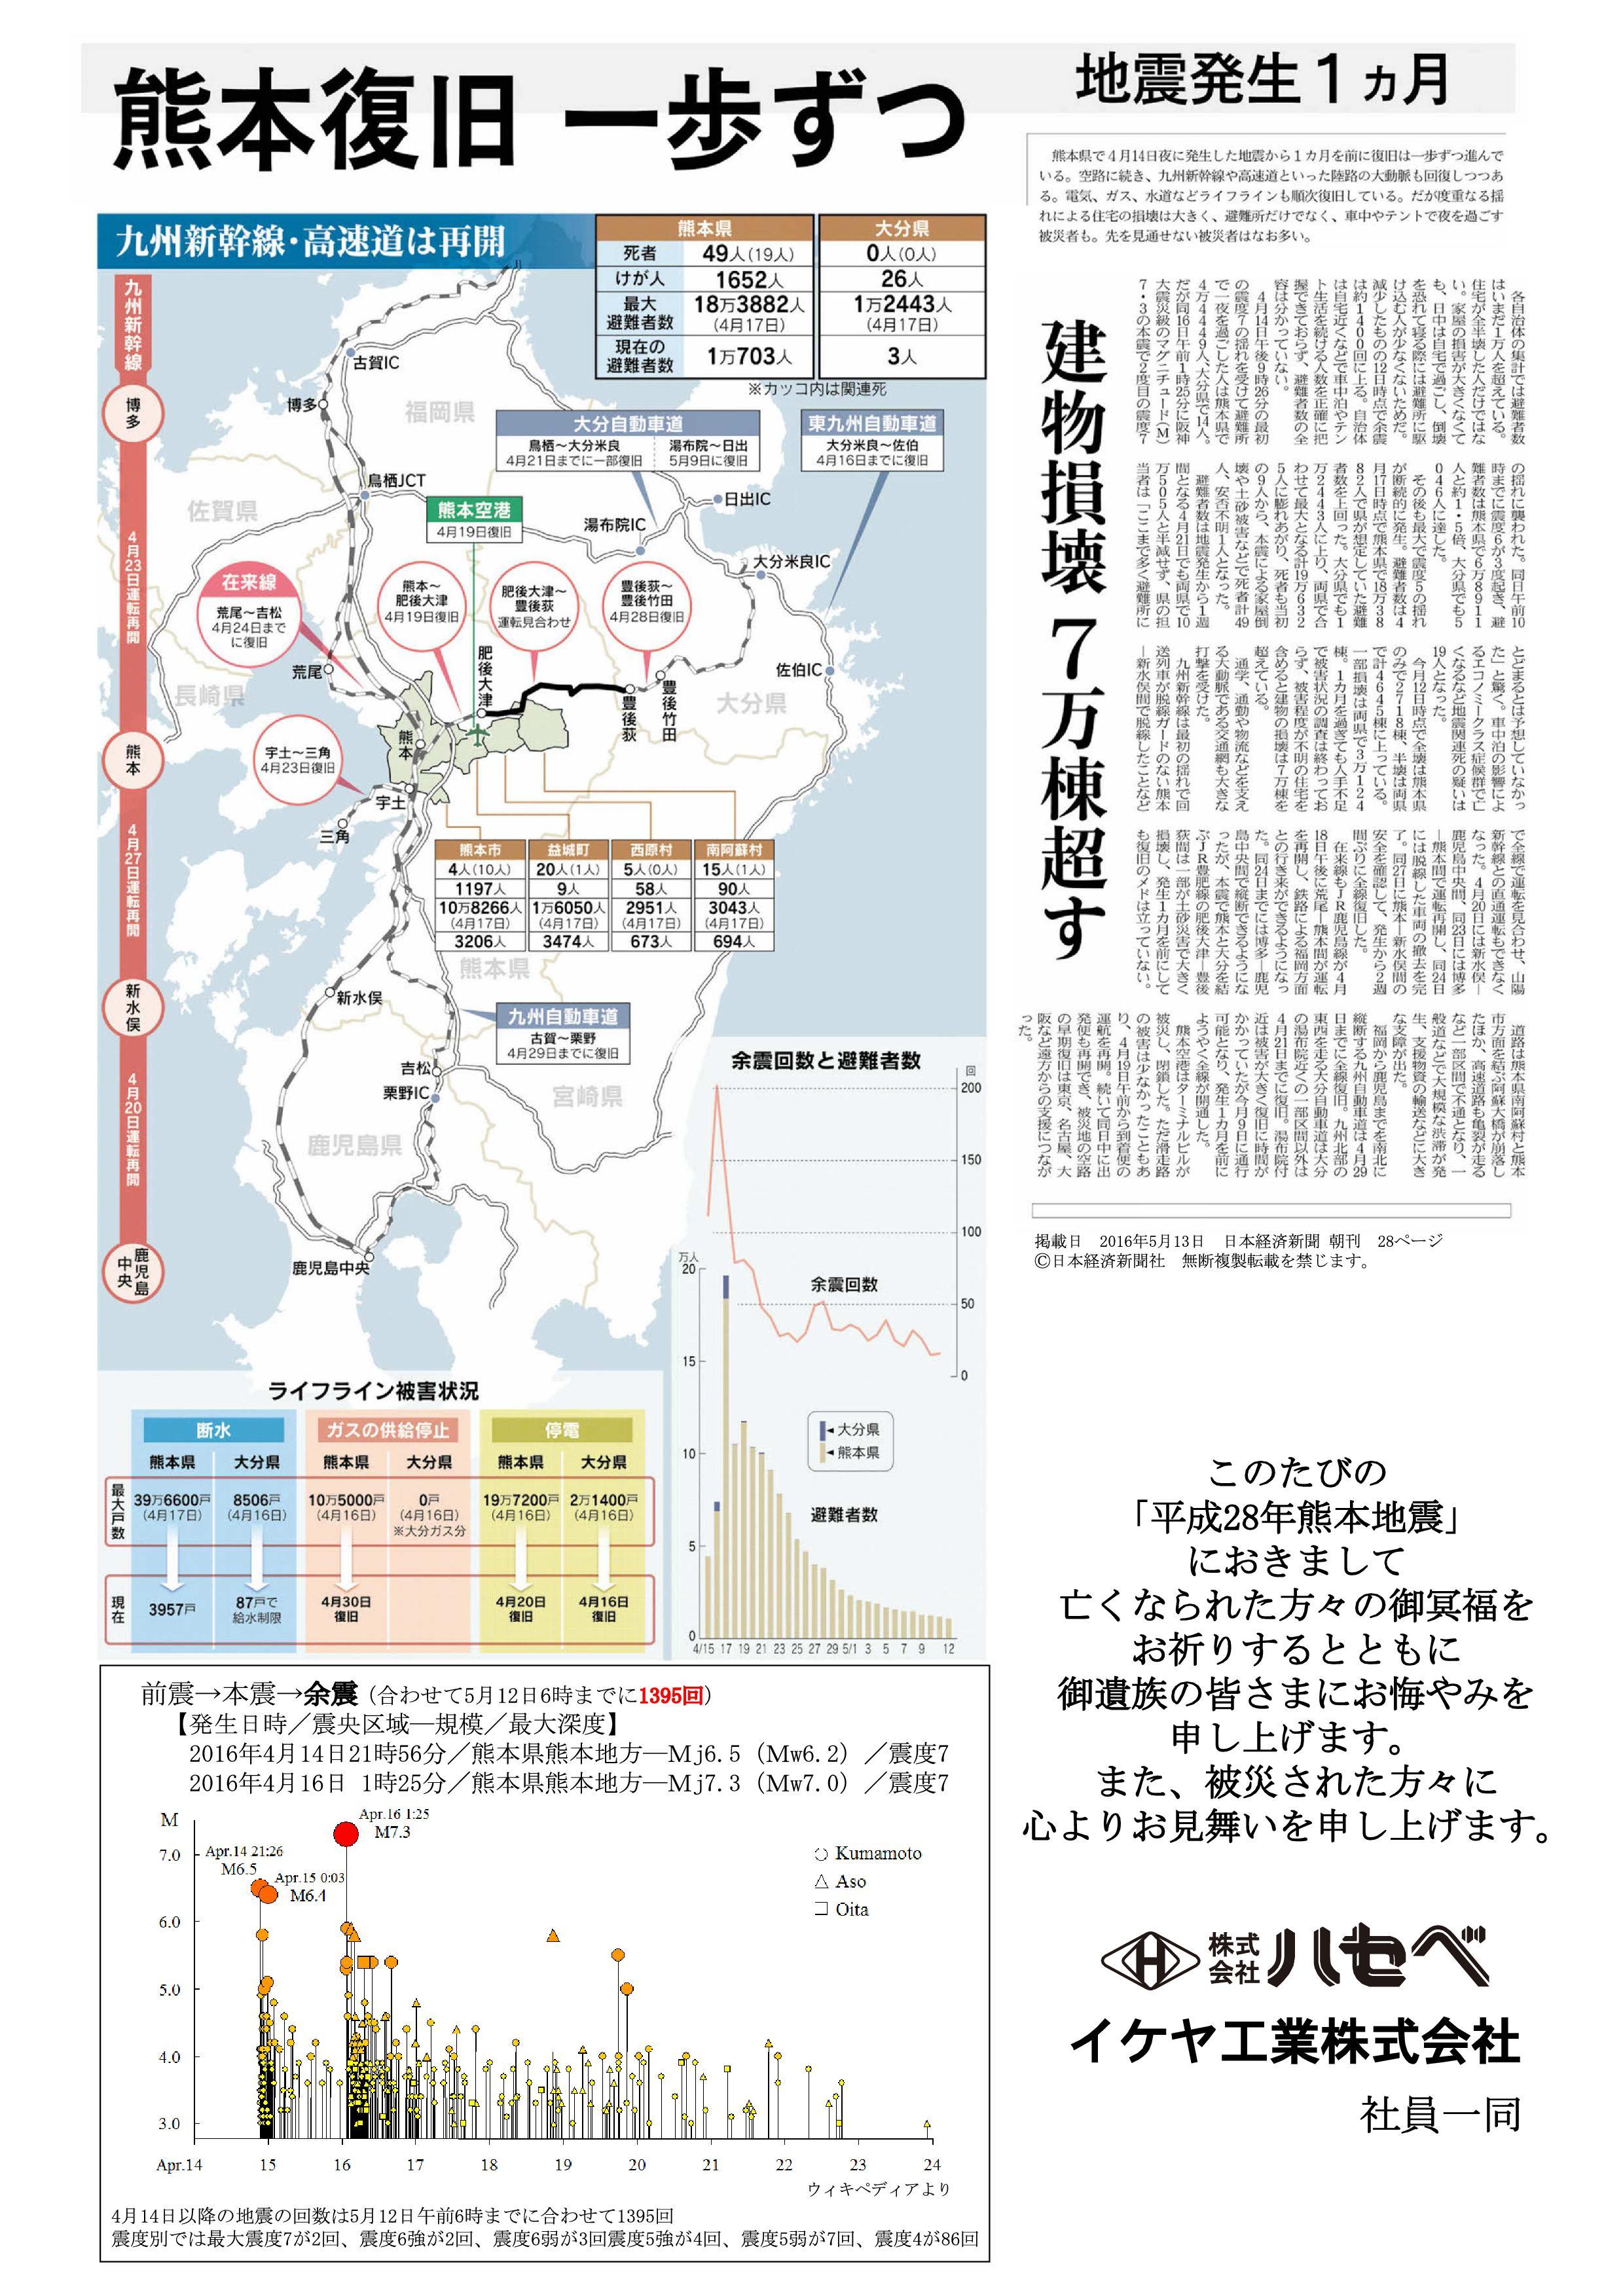 第8回中野区耐震フォーラム